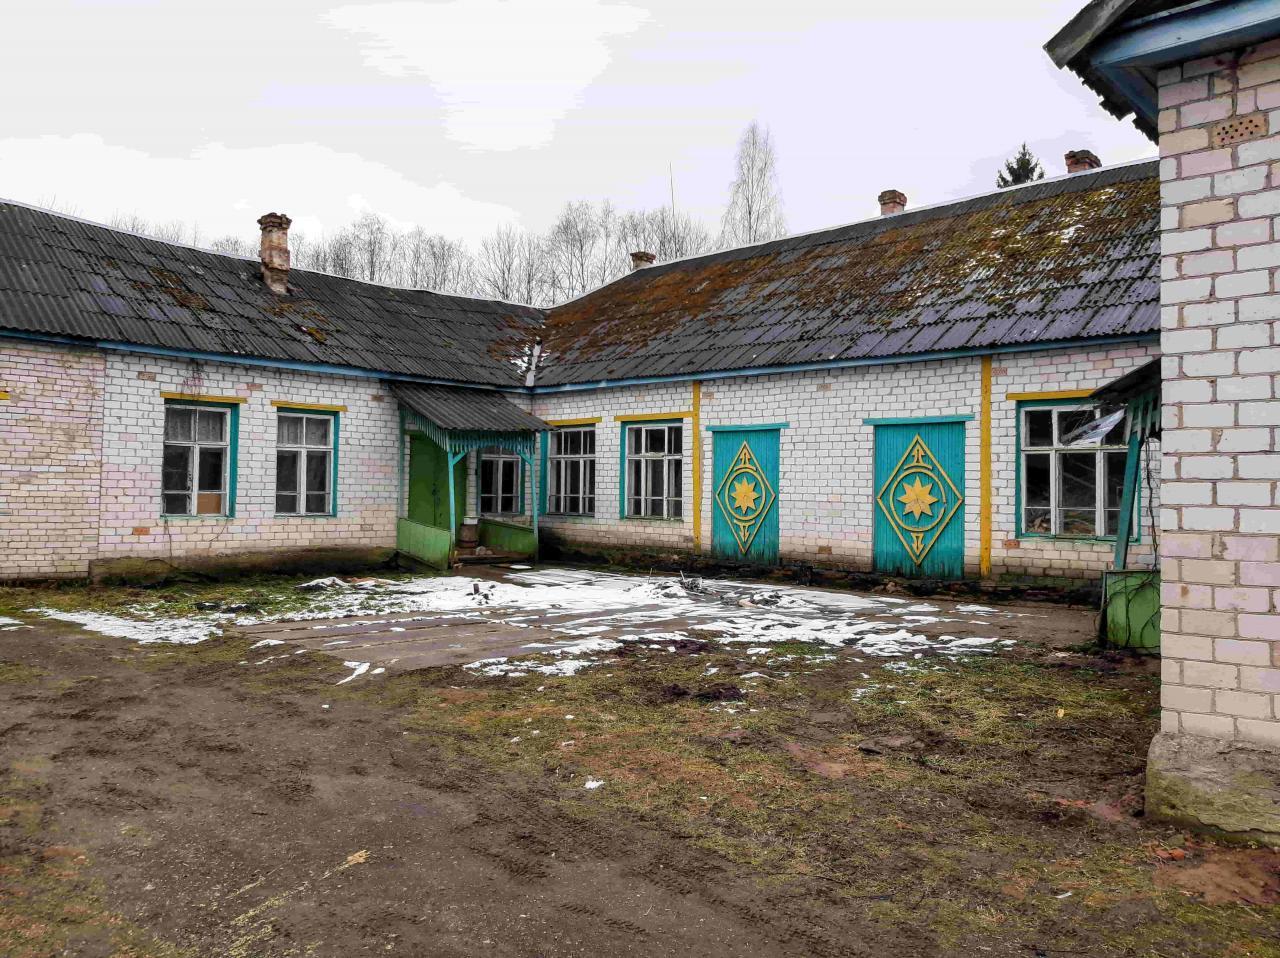 Жилое здание с хоз. помещениями и всеми удобствами в селе Покровском, 1Га. земли  | фото 1 из 6